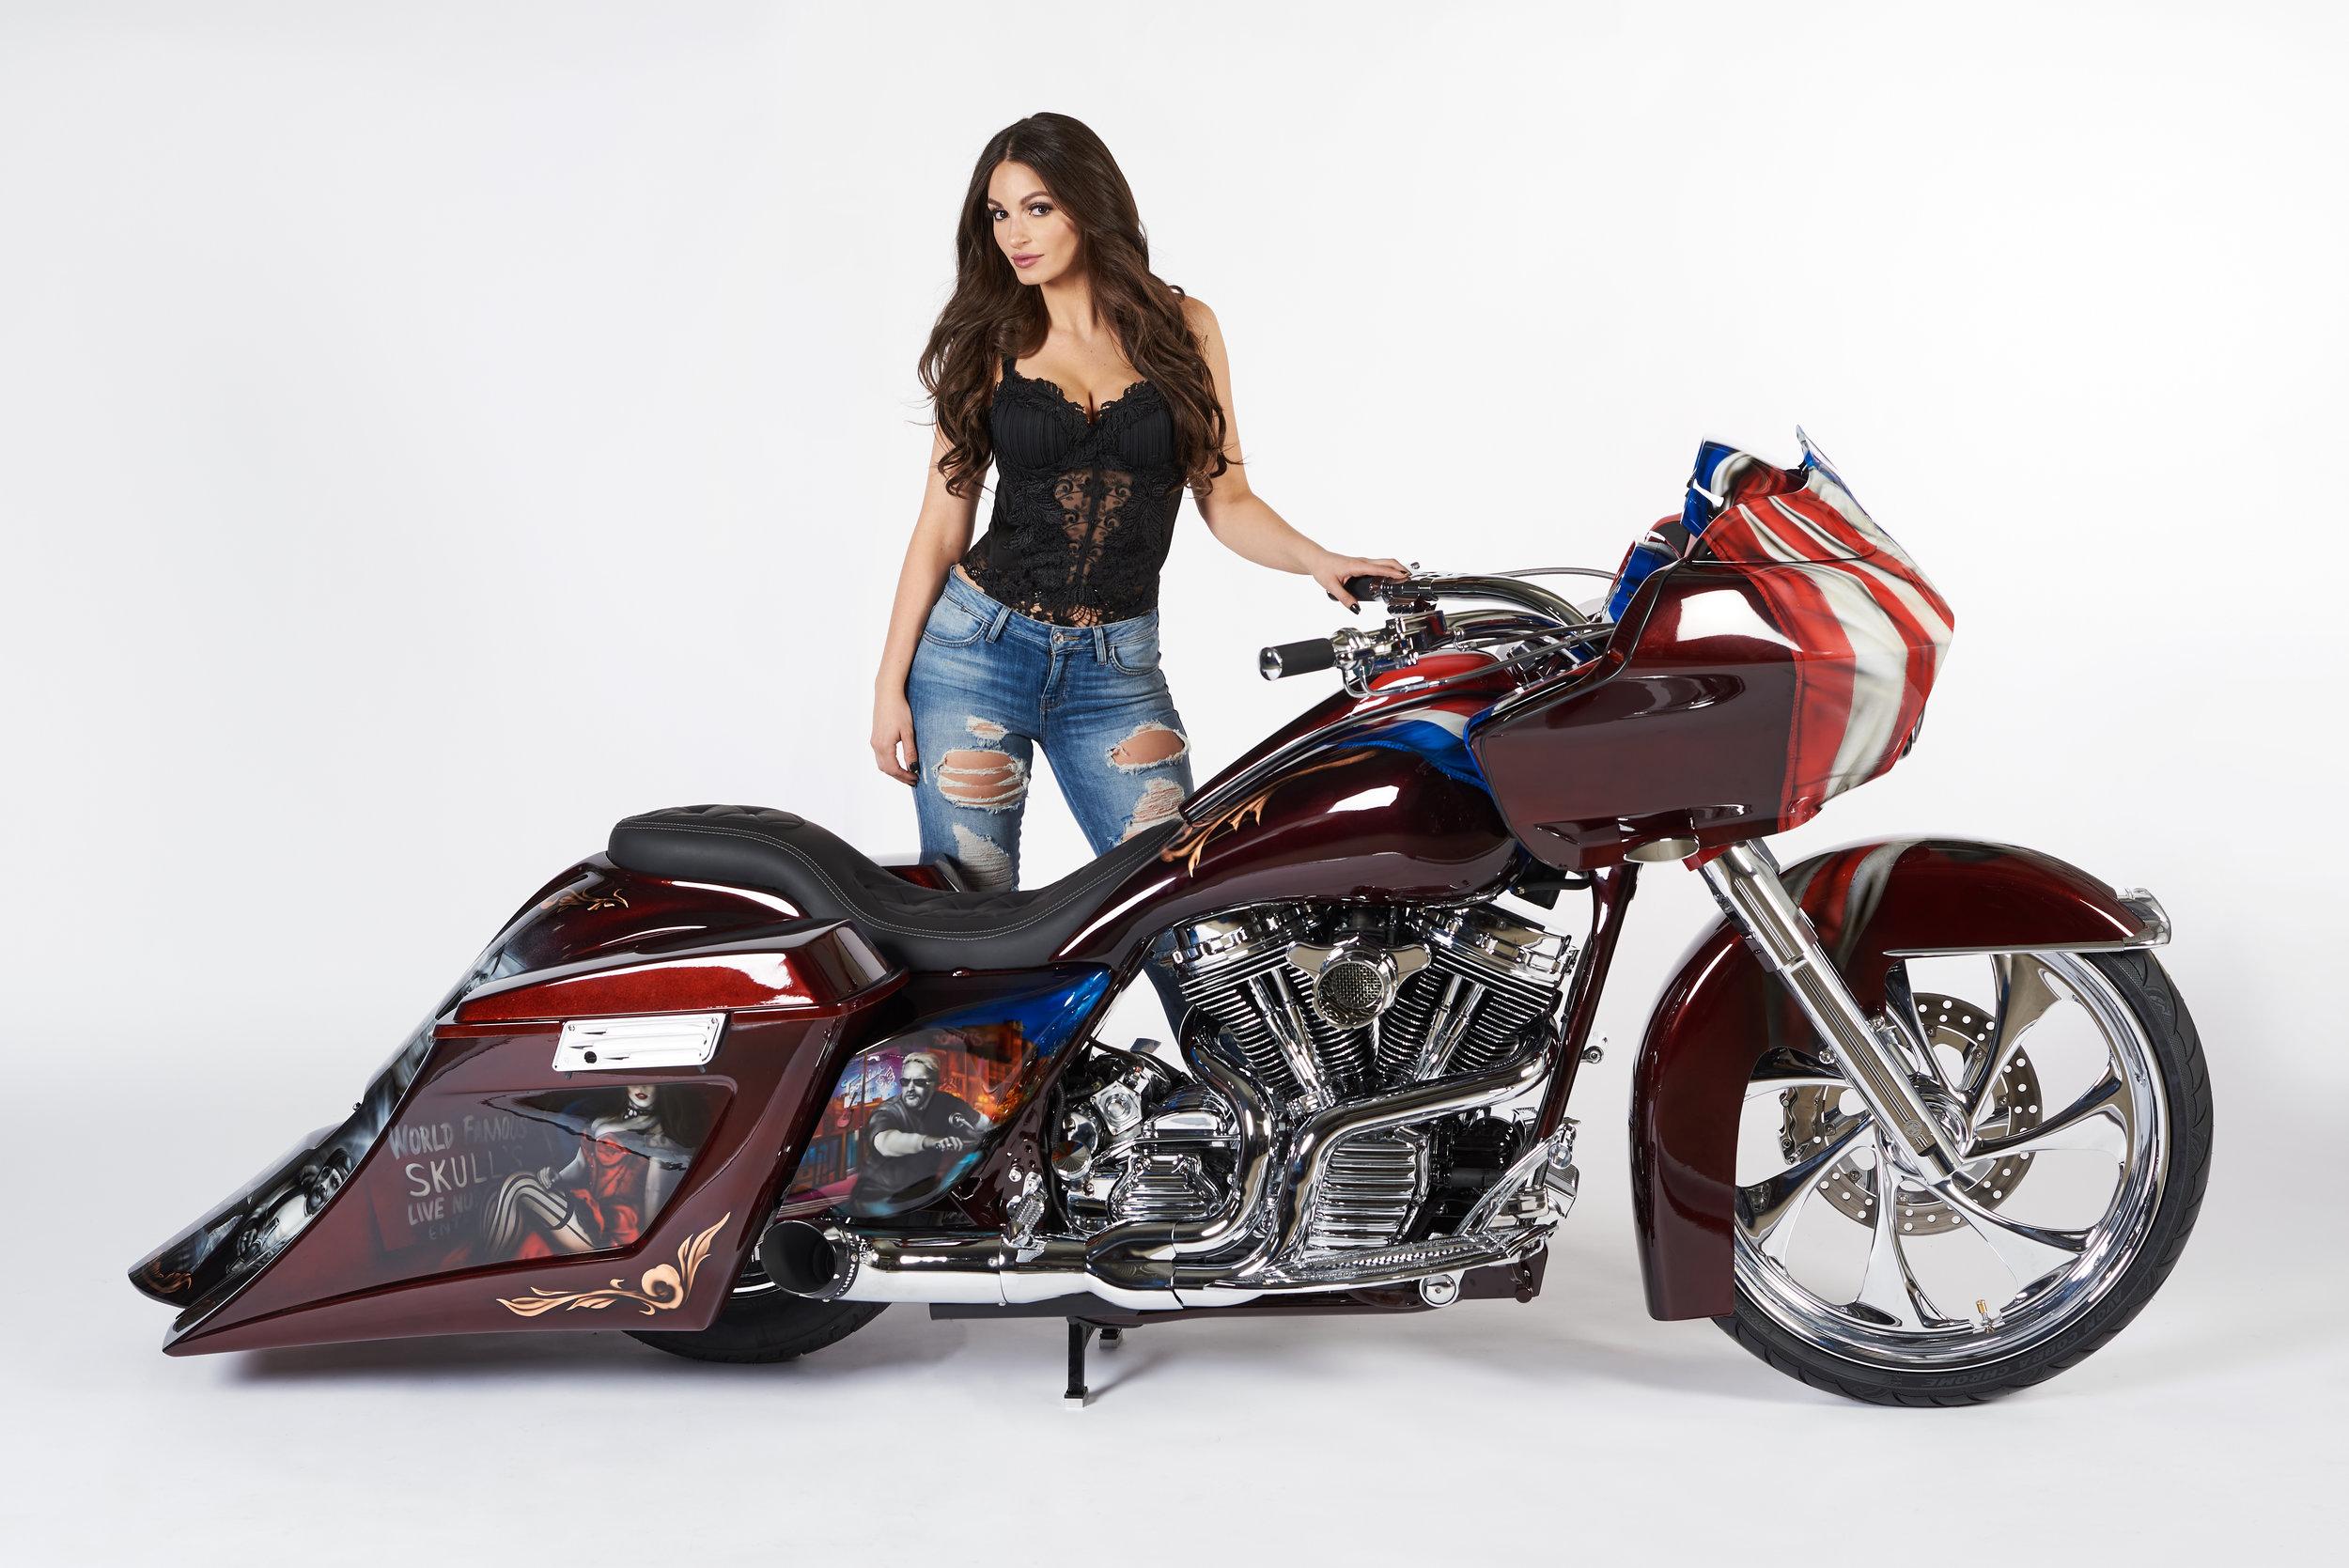 Custom Harley Davidson RoadGlide by DG Custom Cycle, Photo by Kyle Green of Aylmer Ontario.